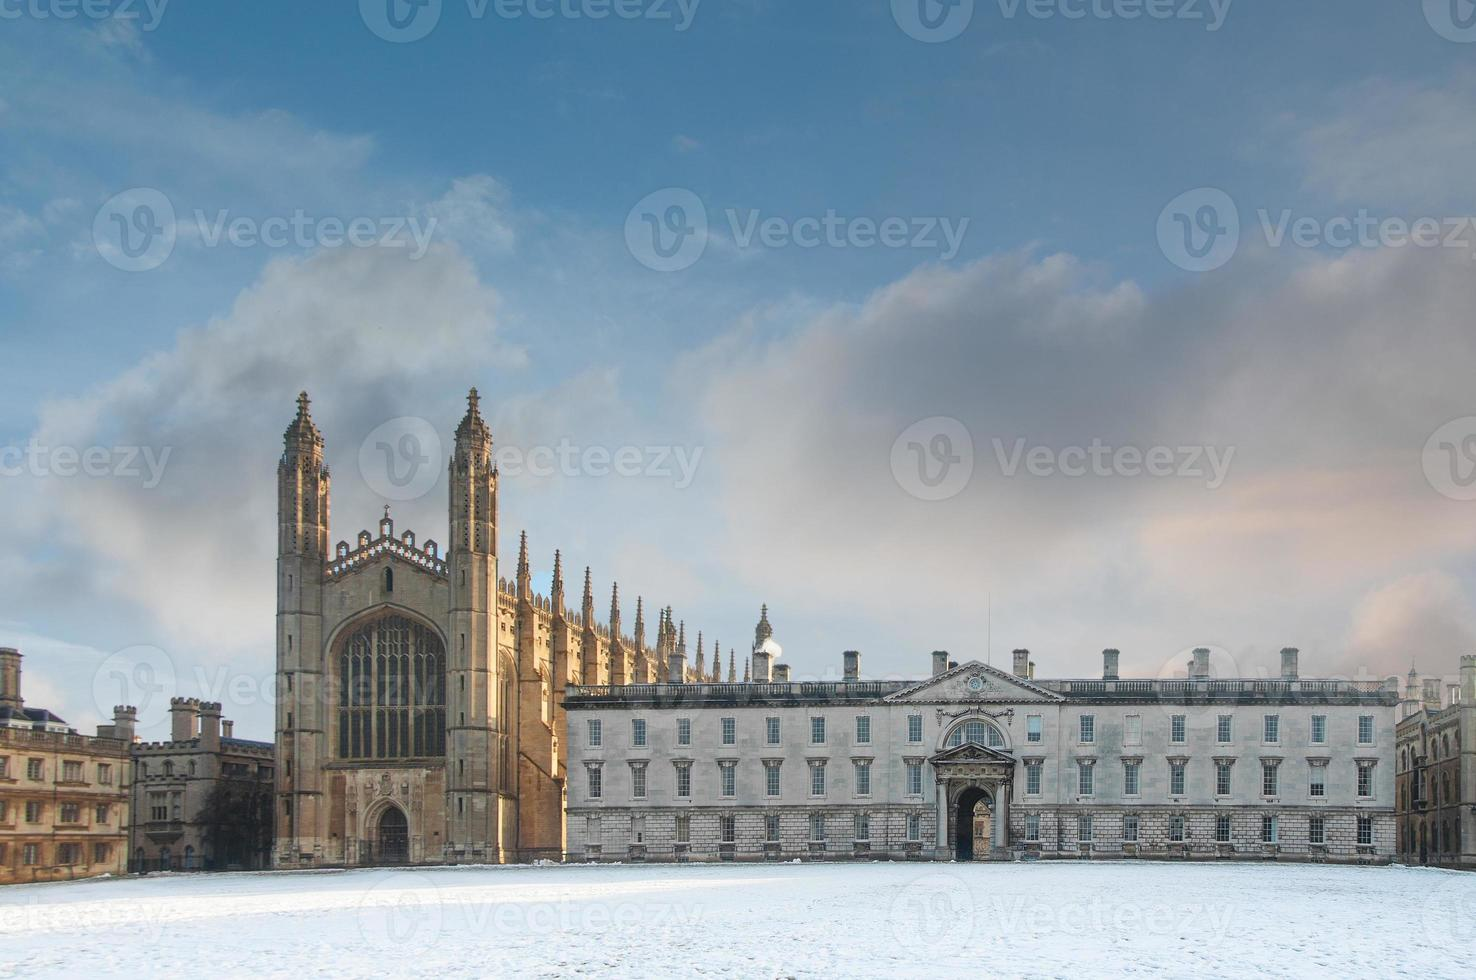 capilla de la universidad del rey en invierno, universidad de cambridge, inglaterra foto